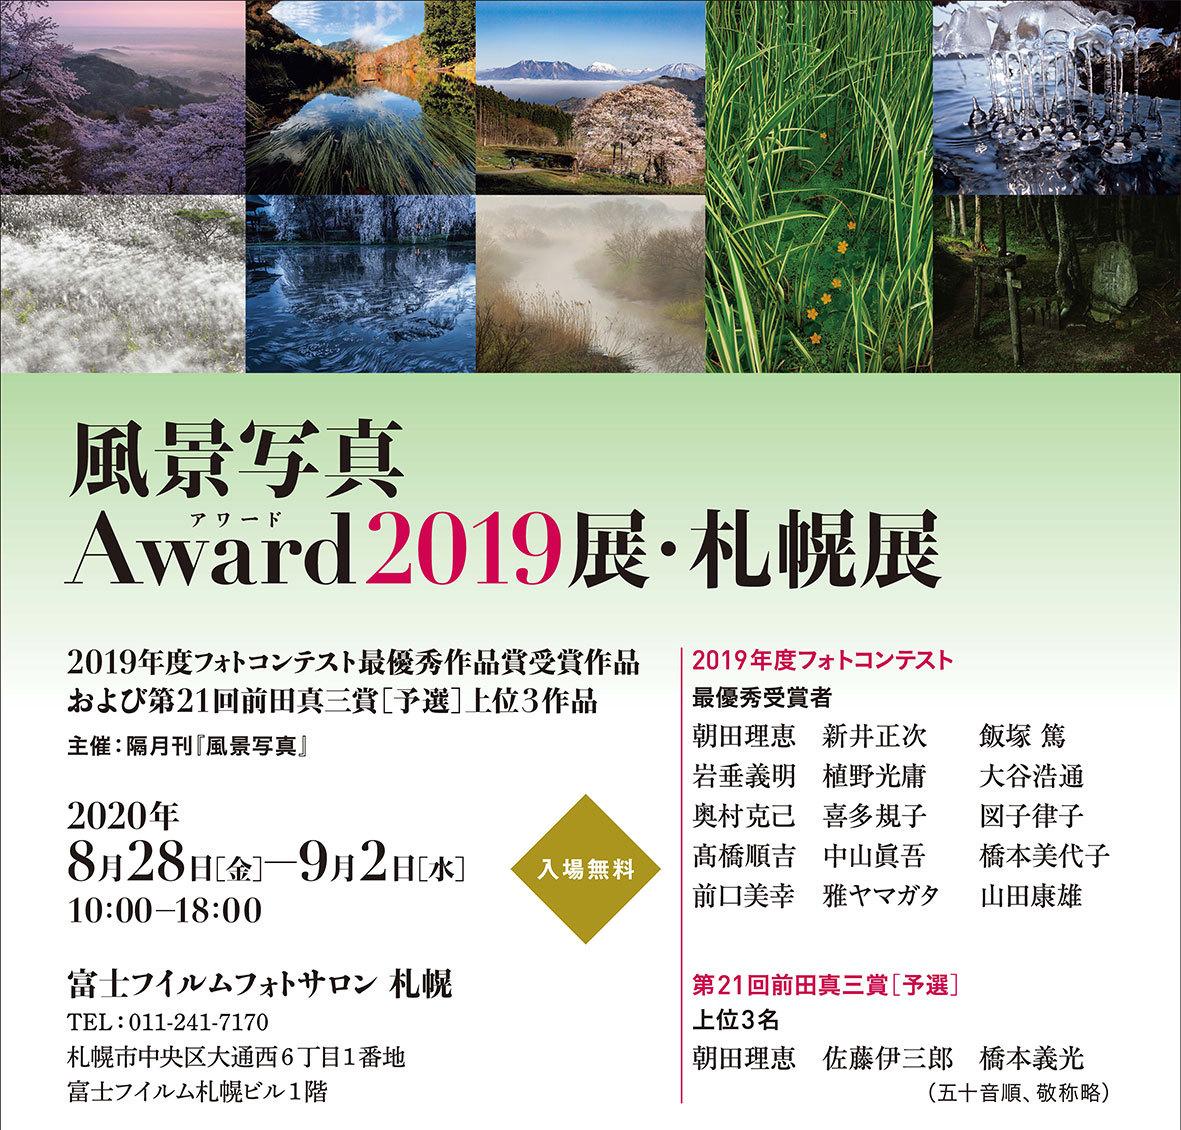 風景写真Award2019展・札幌展 8月28日(金)から開催します!_c0142549_09082088.jpg